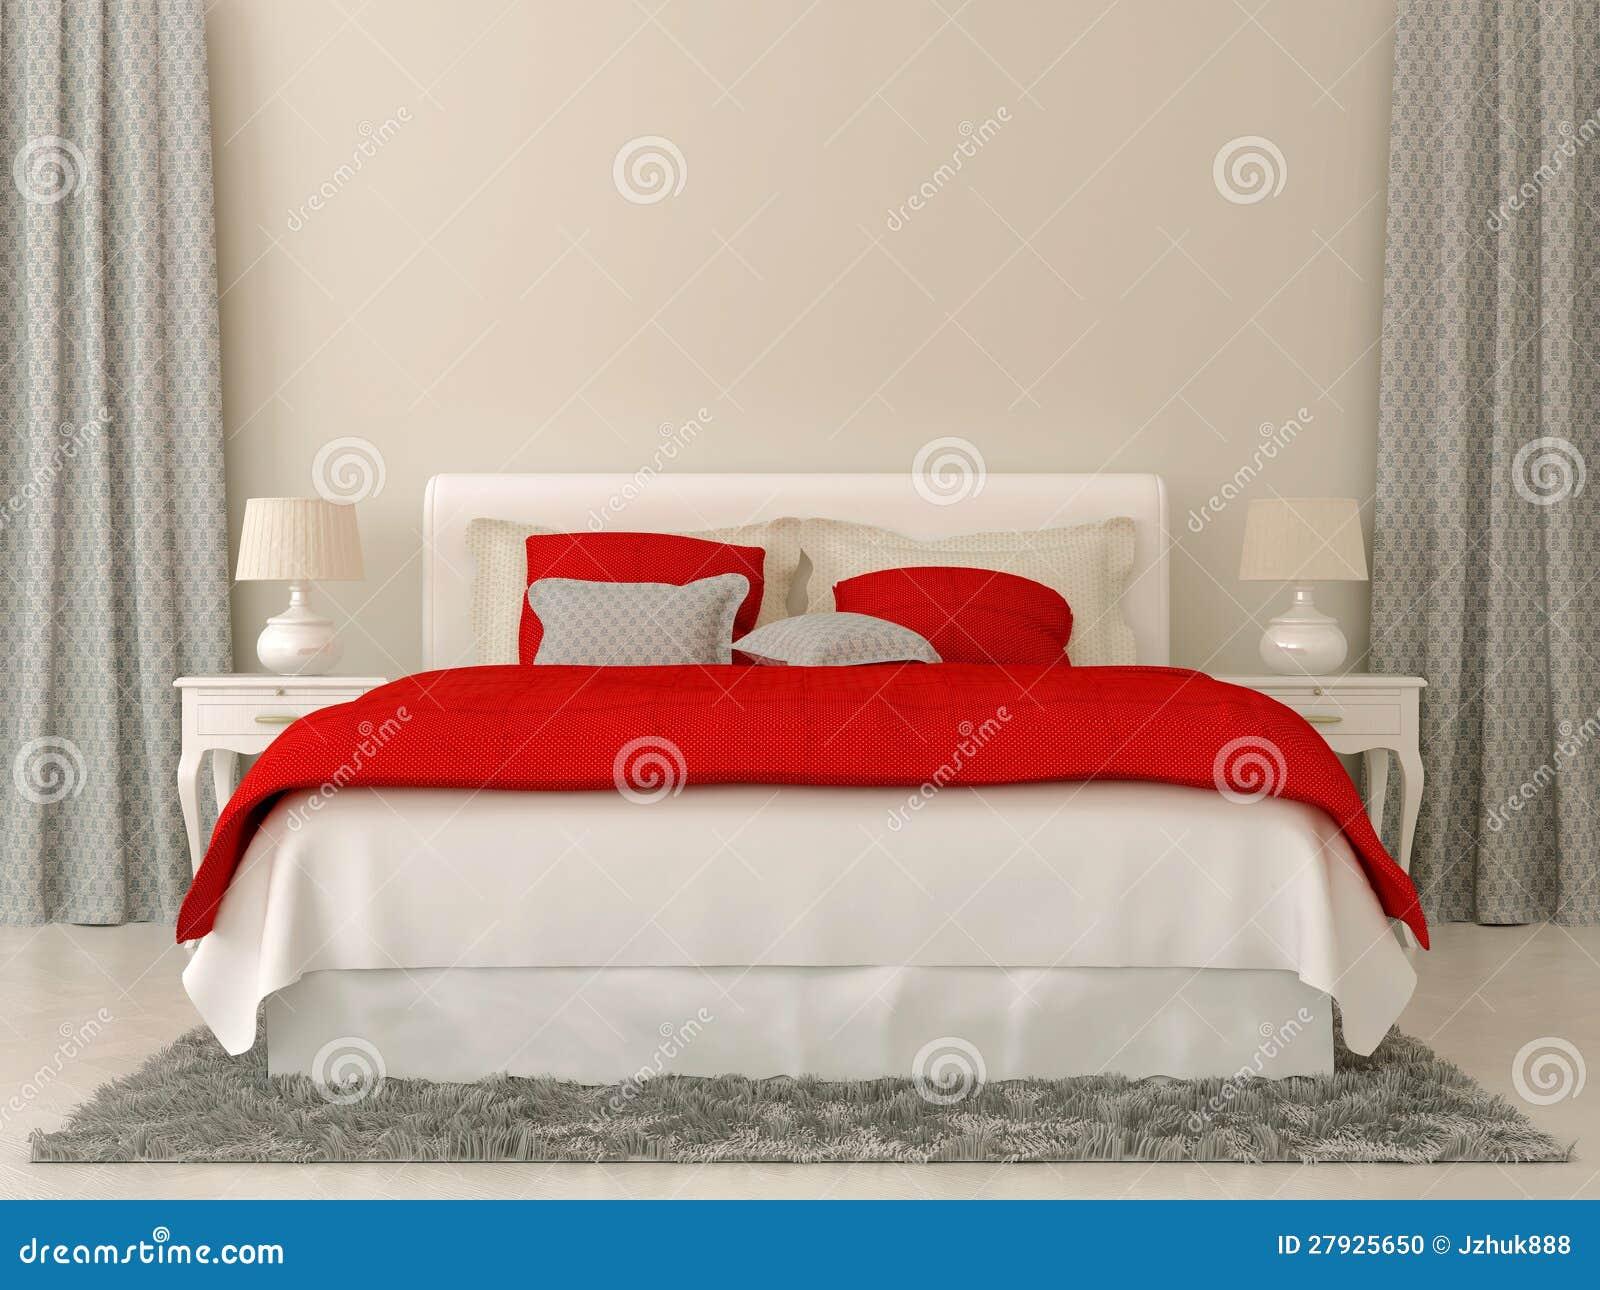 Decorazioni camera da letto ~ avienix.com for .